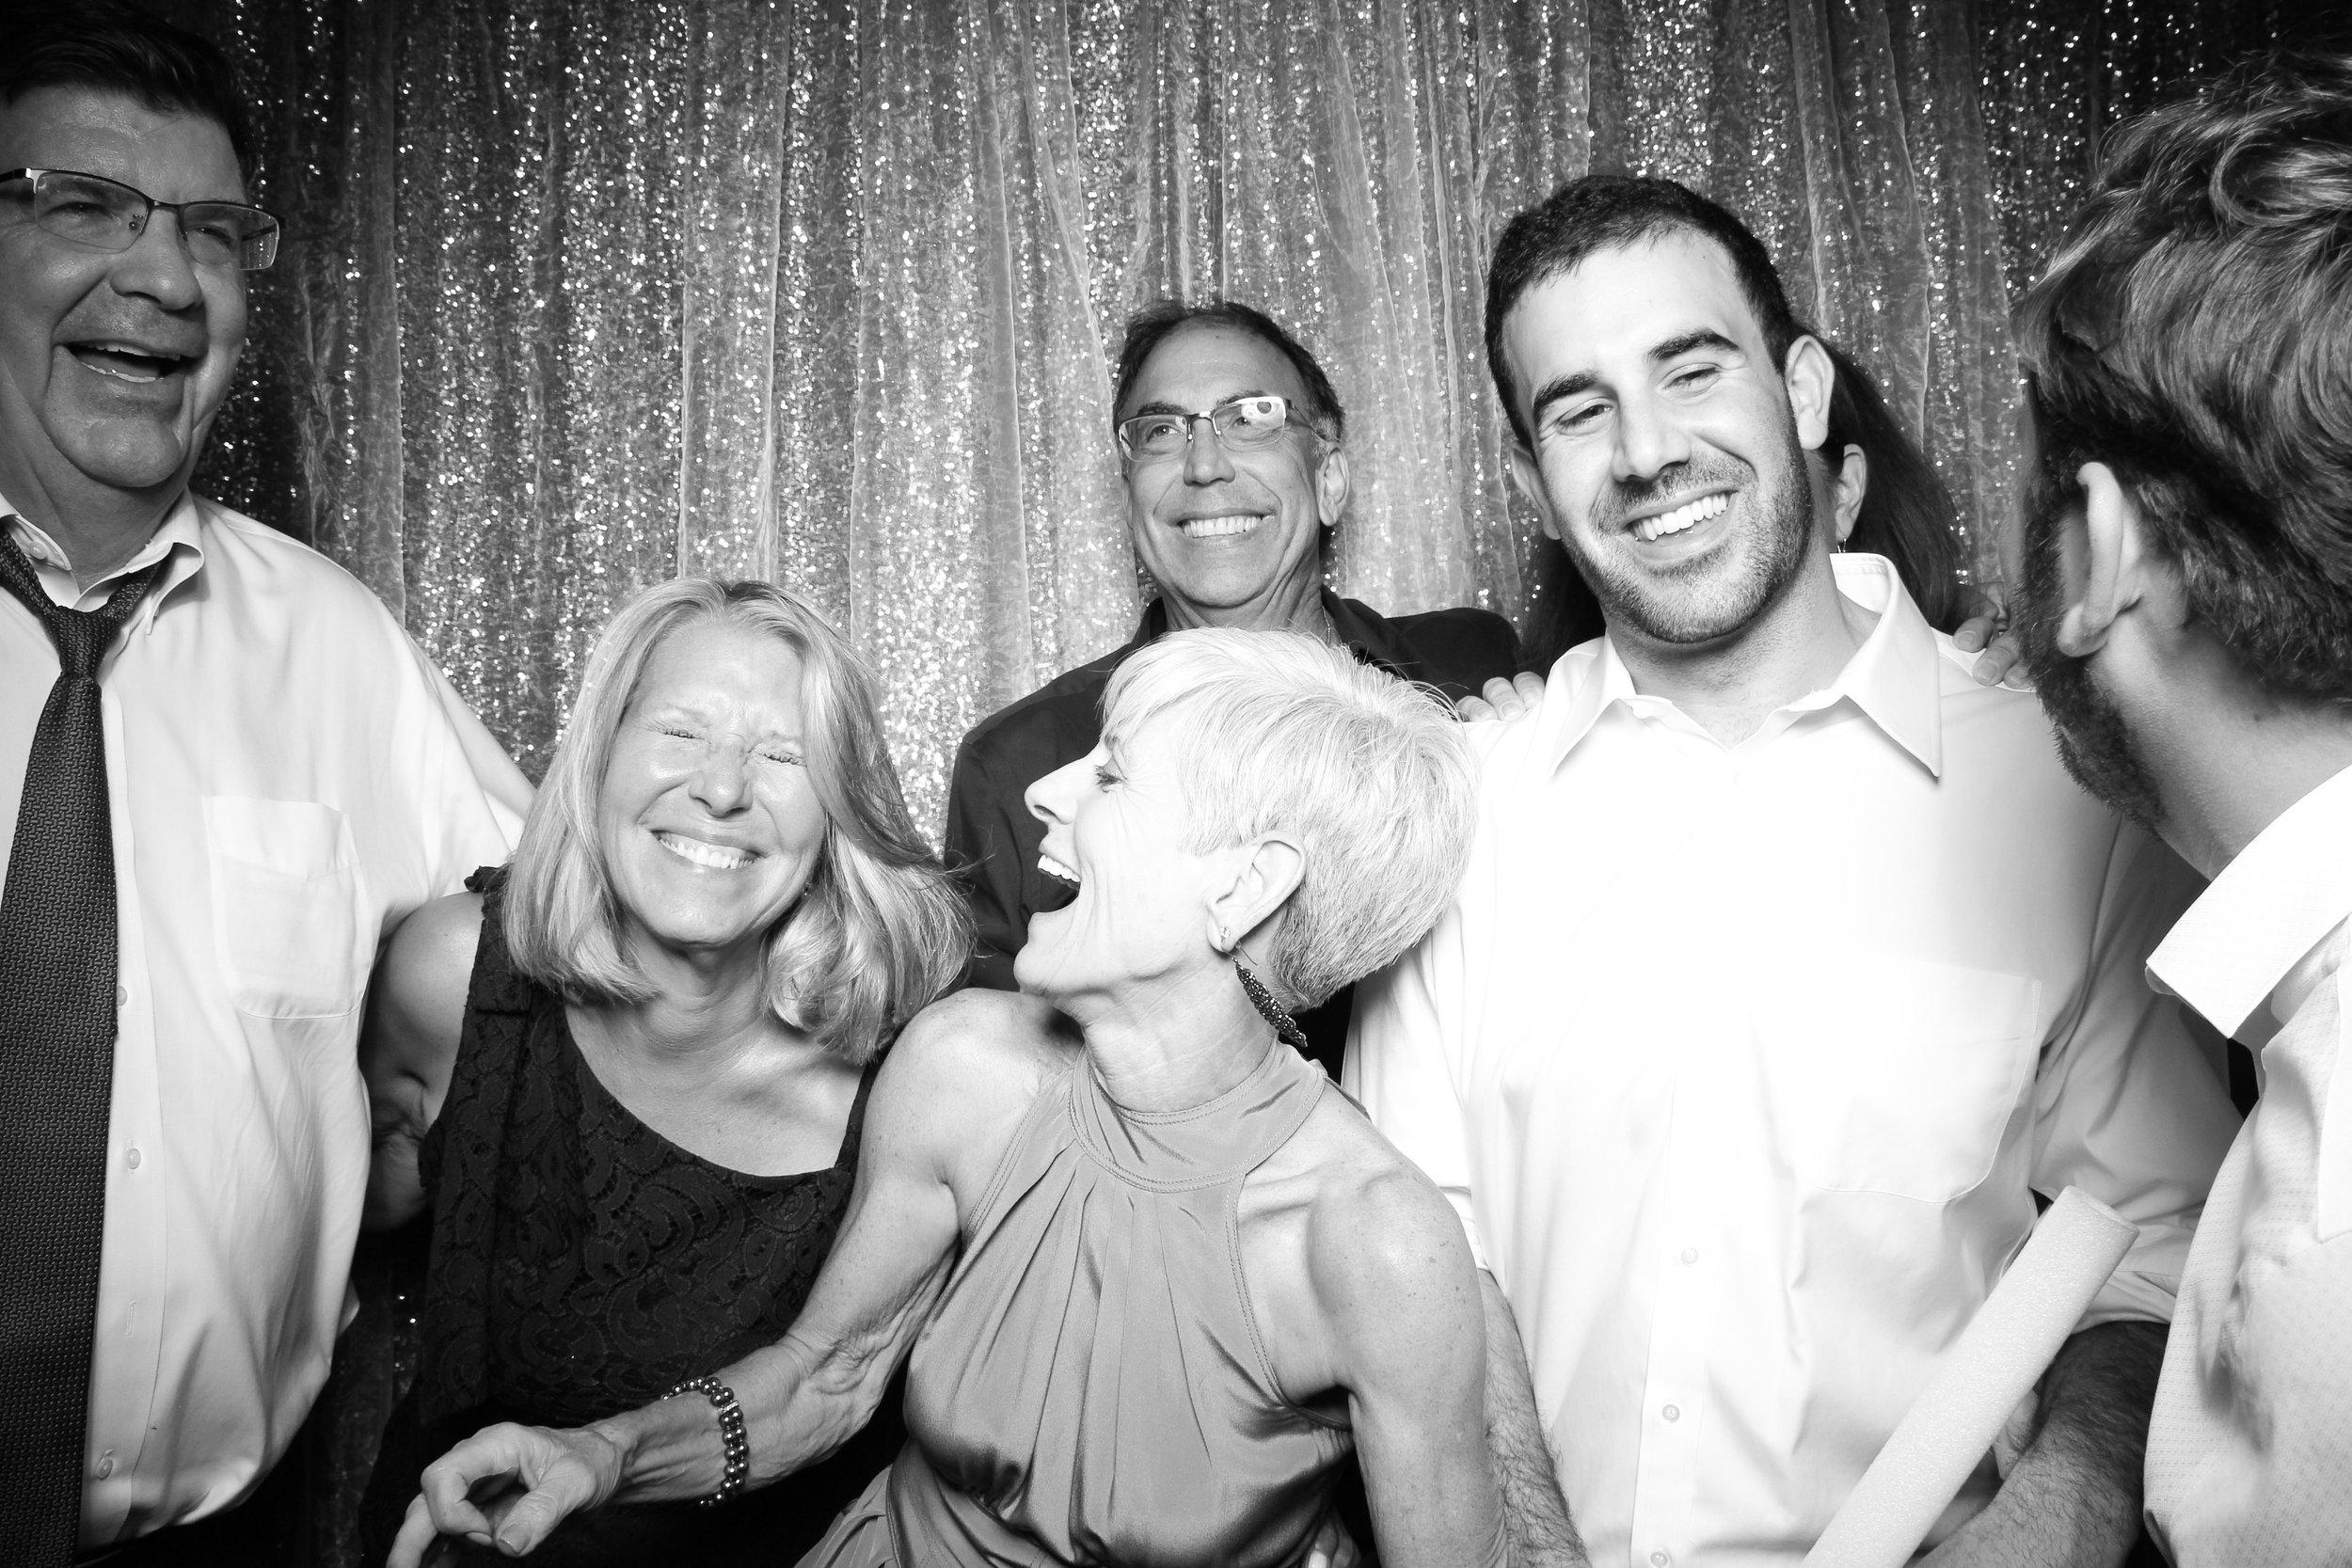 Cafe_Brauer_Chicago_Wedding_Loggia_Photo_Booth_24.jpg